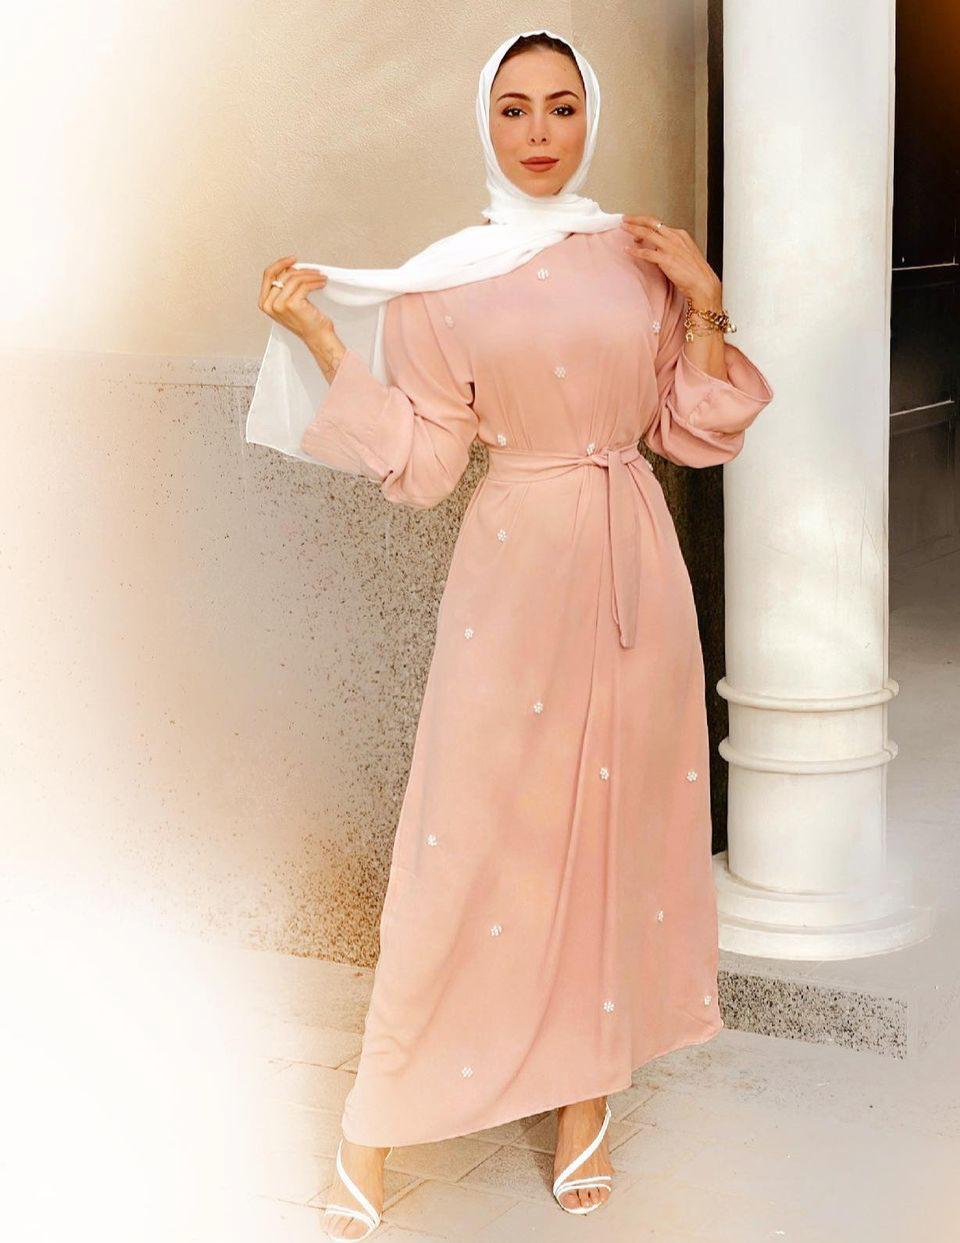 تسنيم ابو سيدو بفستان انثوي للعيد -الصورة من حسابها على الانستغرام